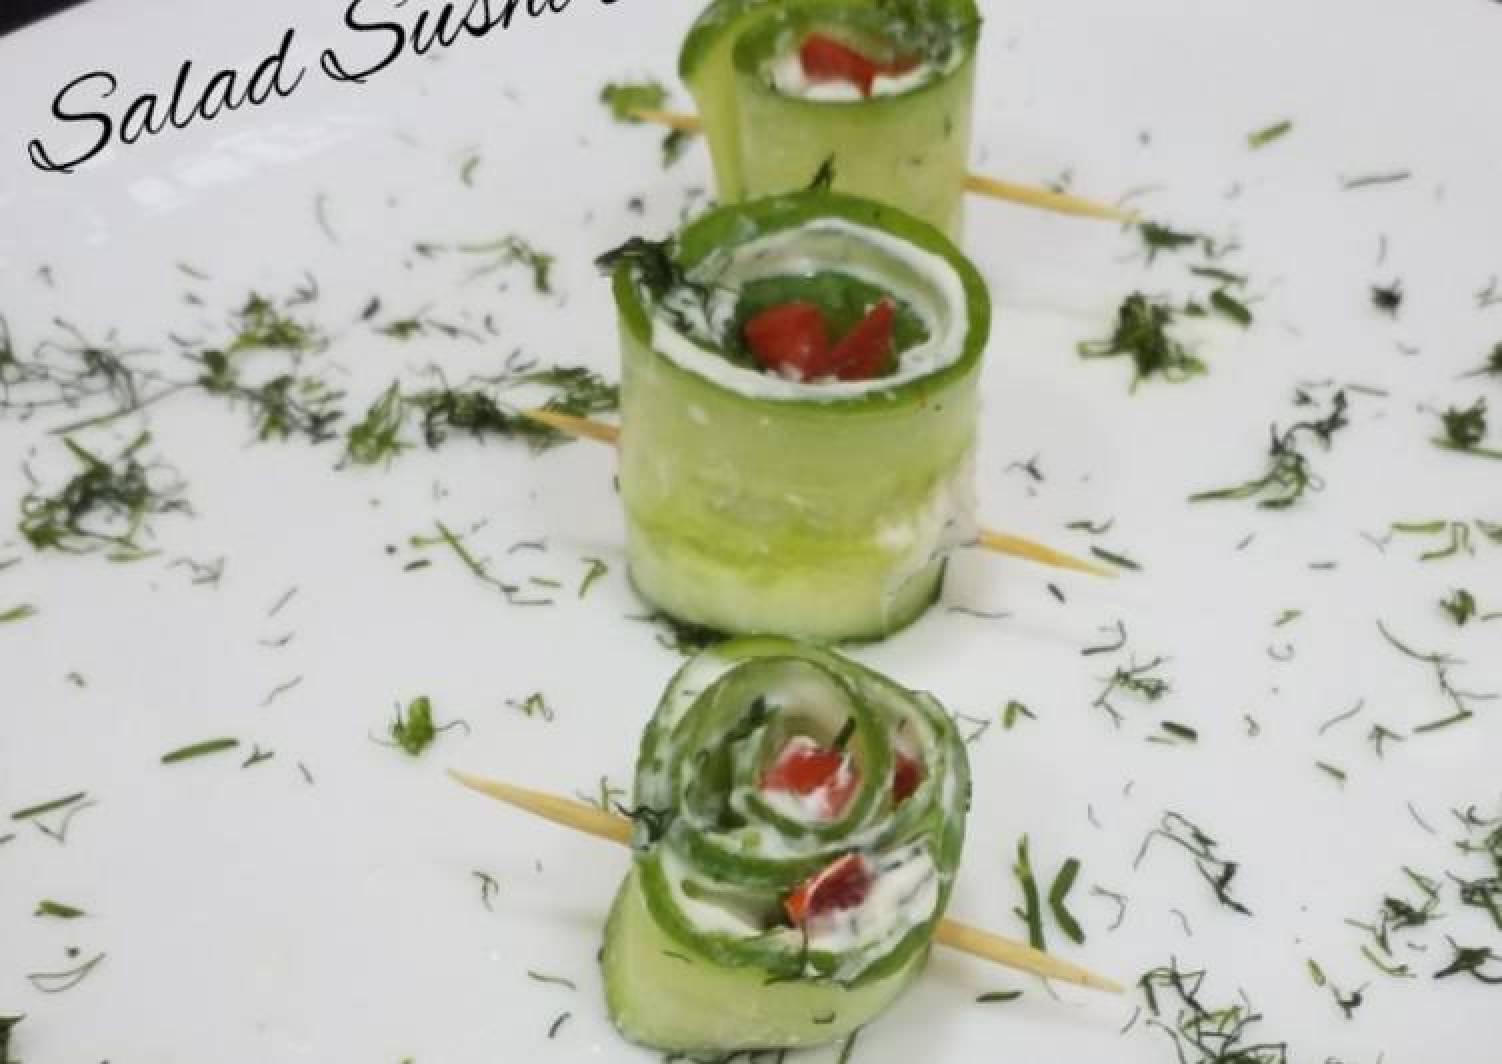 Salad Sushi Rolls